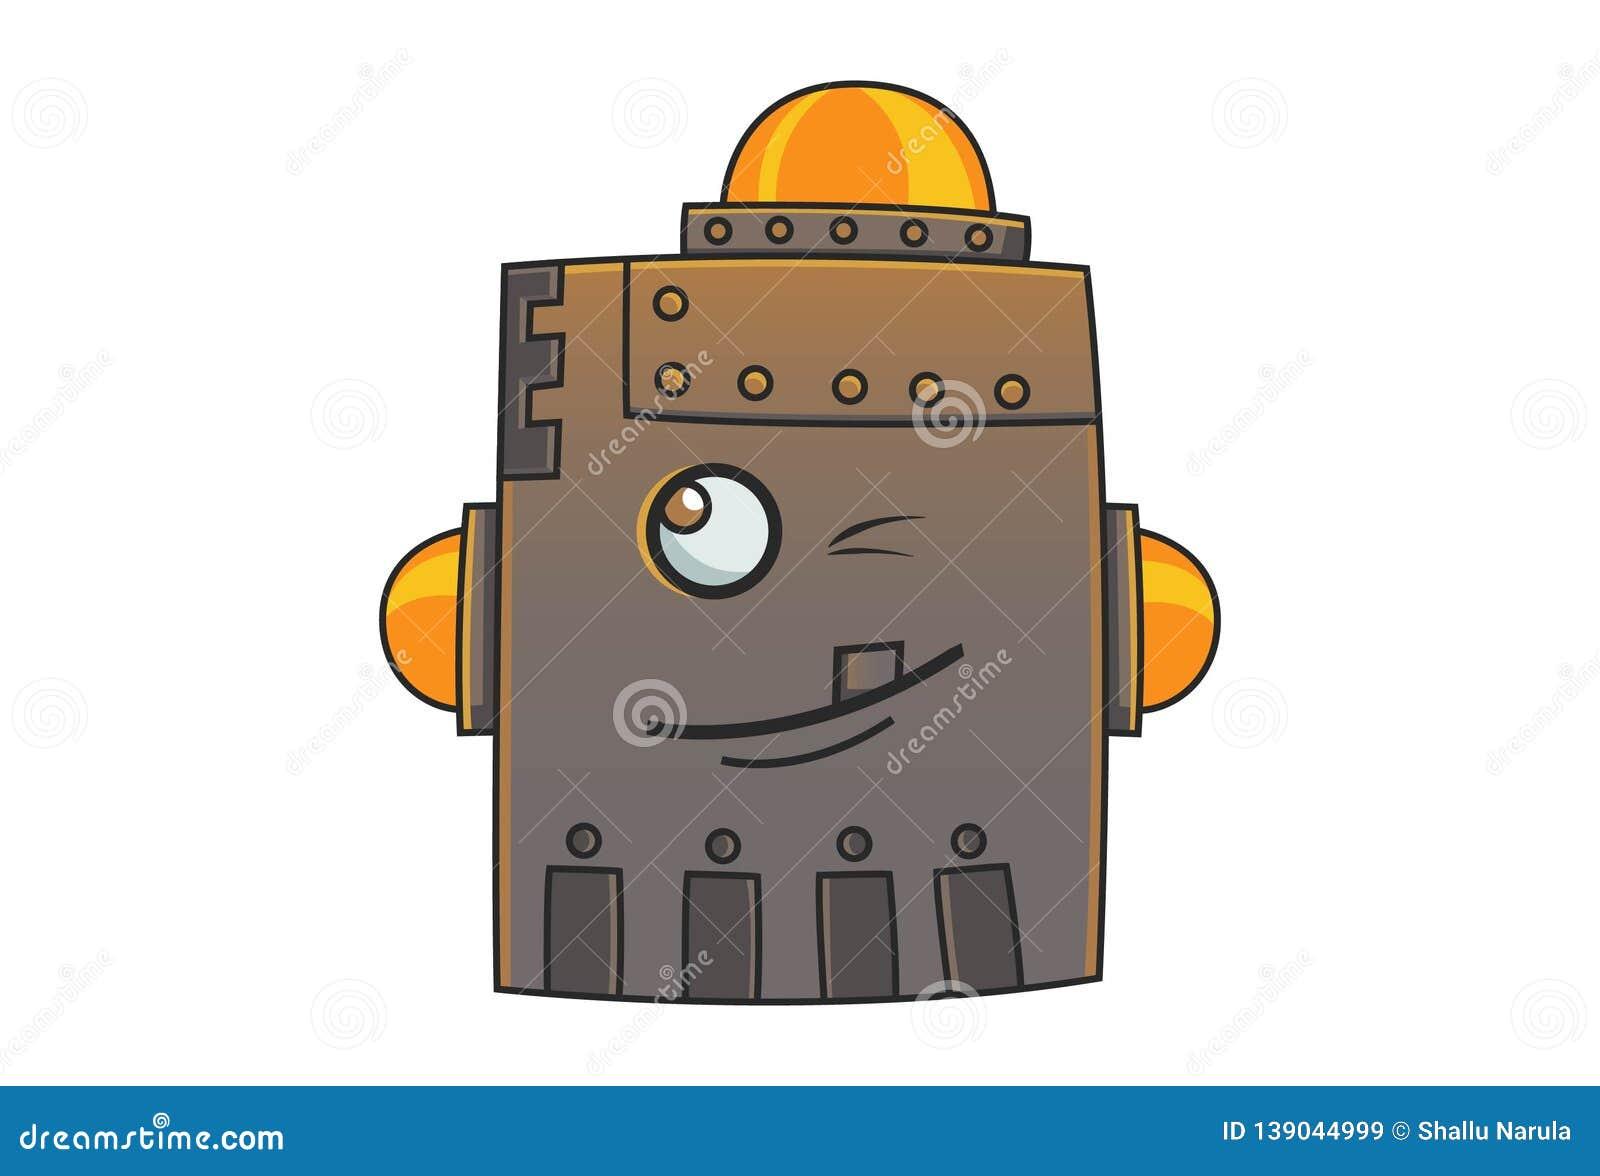 Cartoon Illustration Of Cute Iron Man.